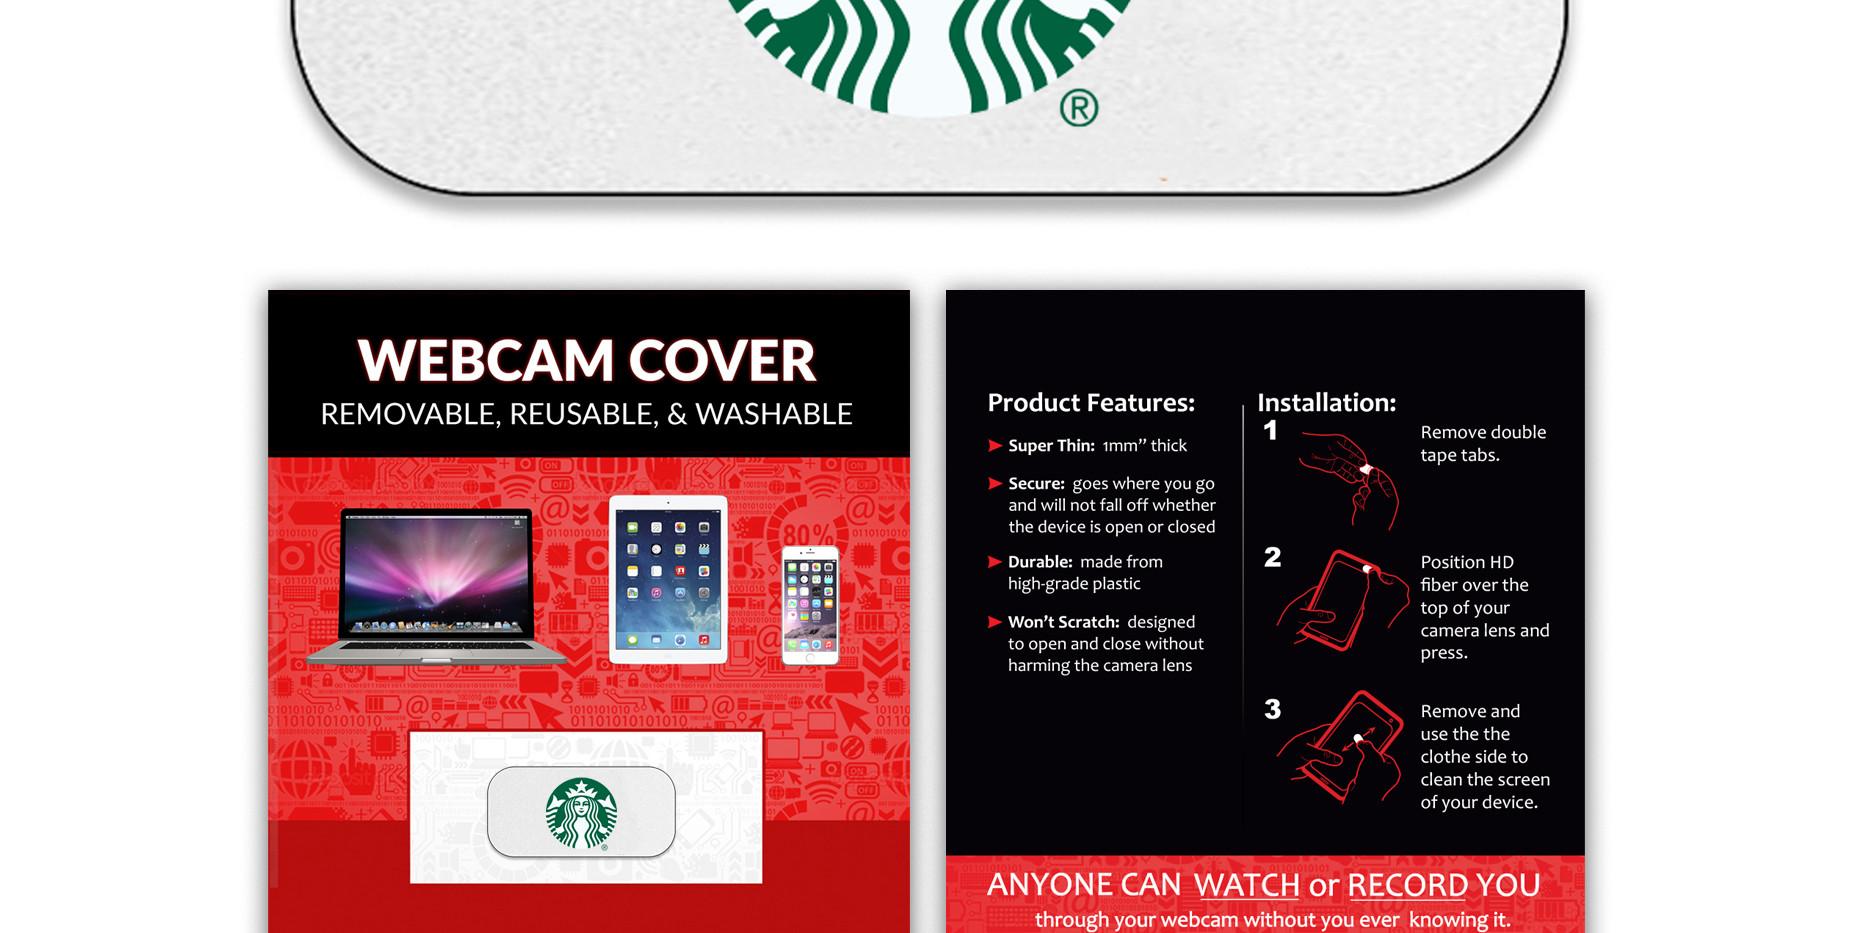 Starbucks HD Fiber Tab card standard whi